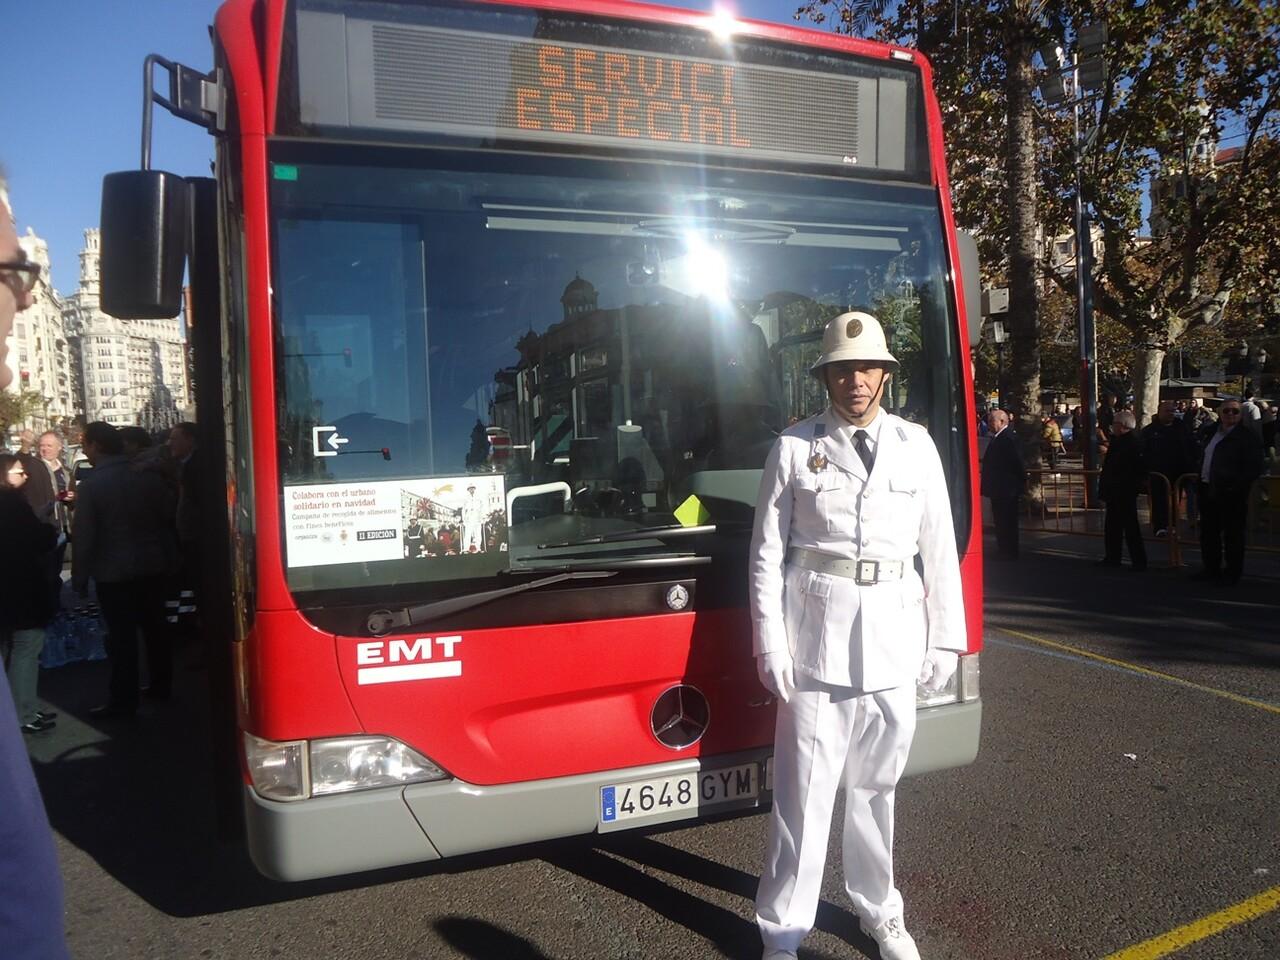 El guardia urbano delante del bus de la EMT/EMT